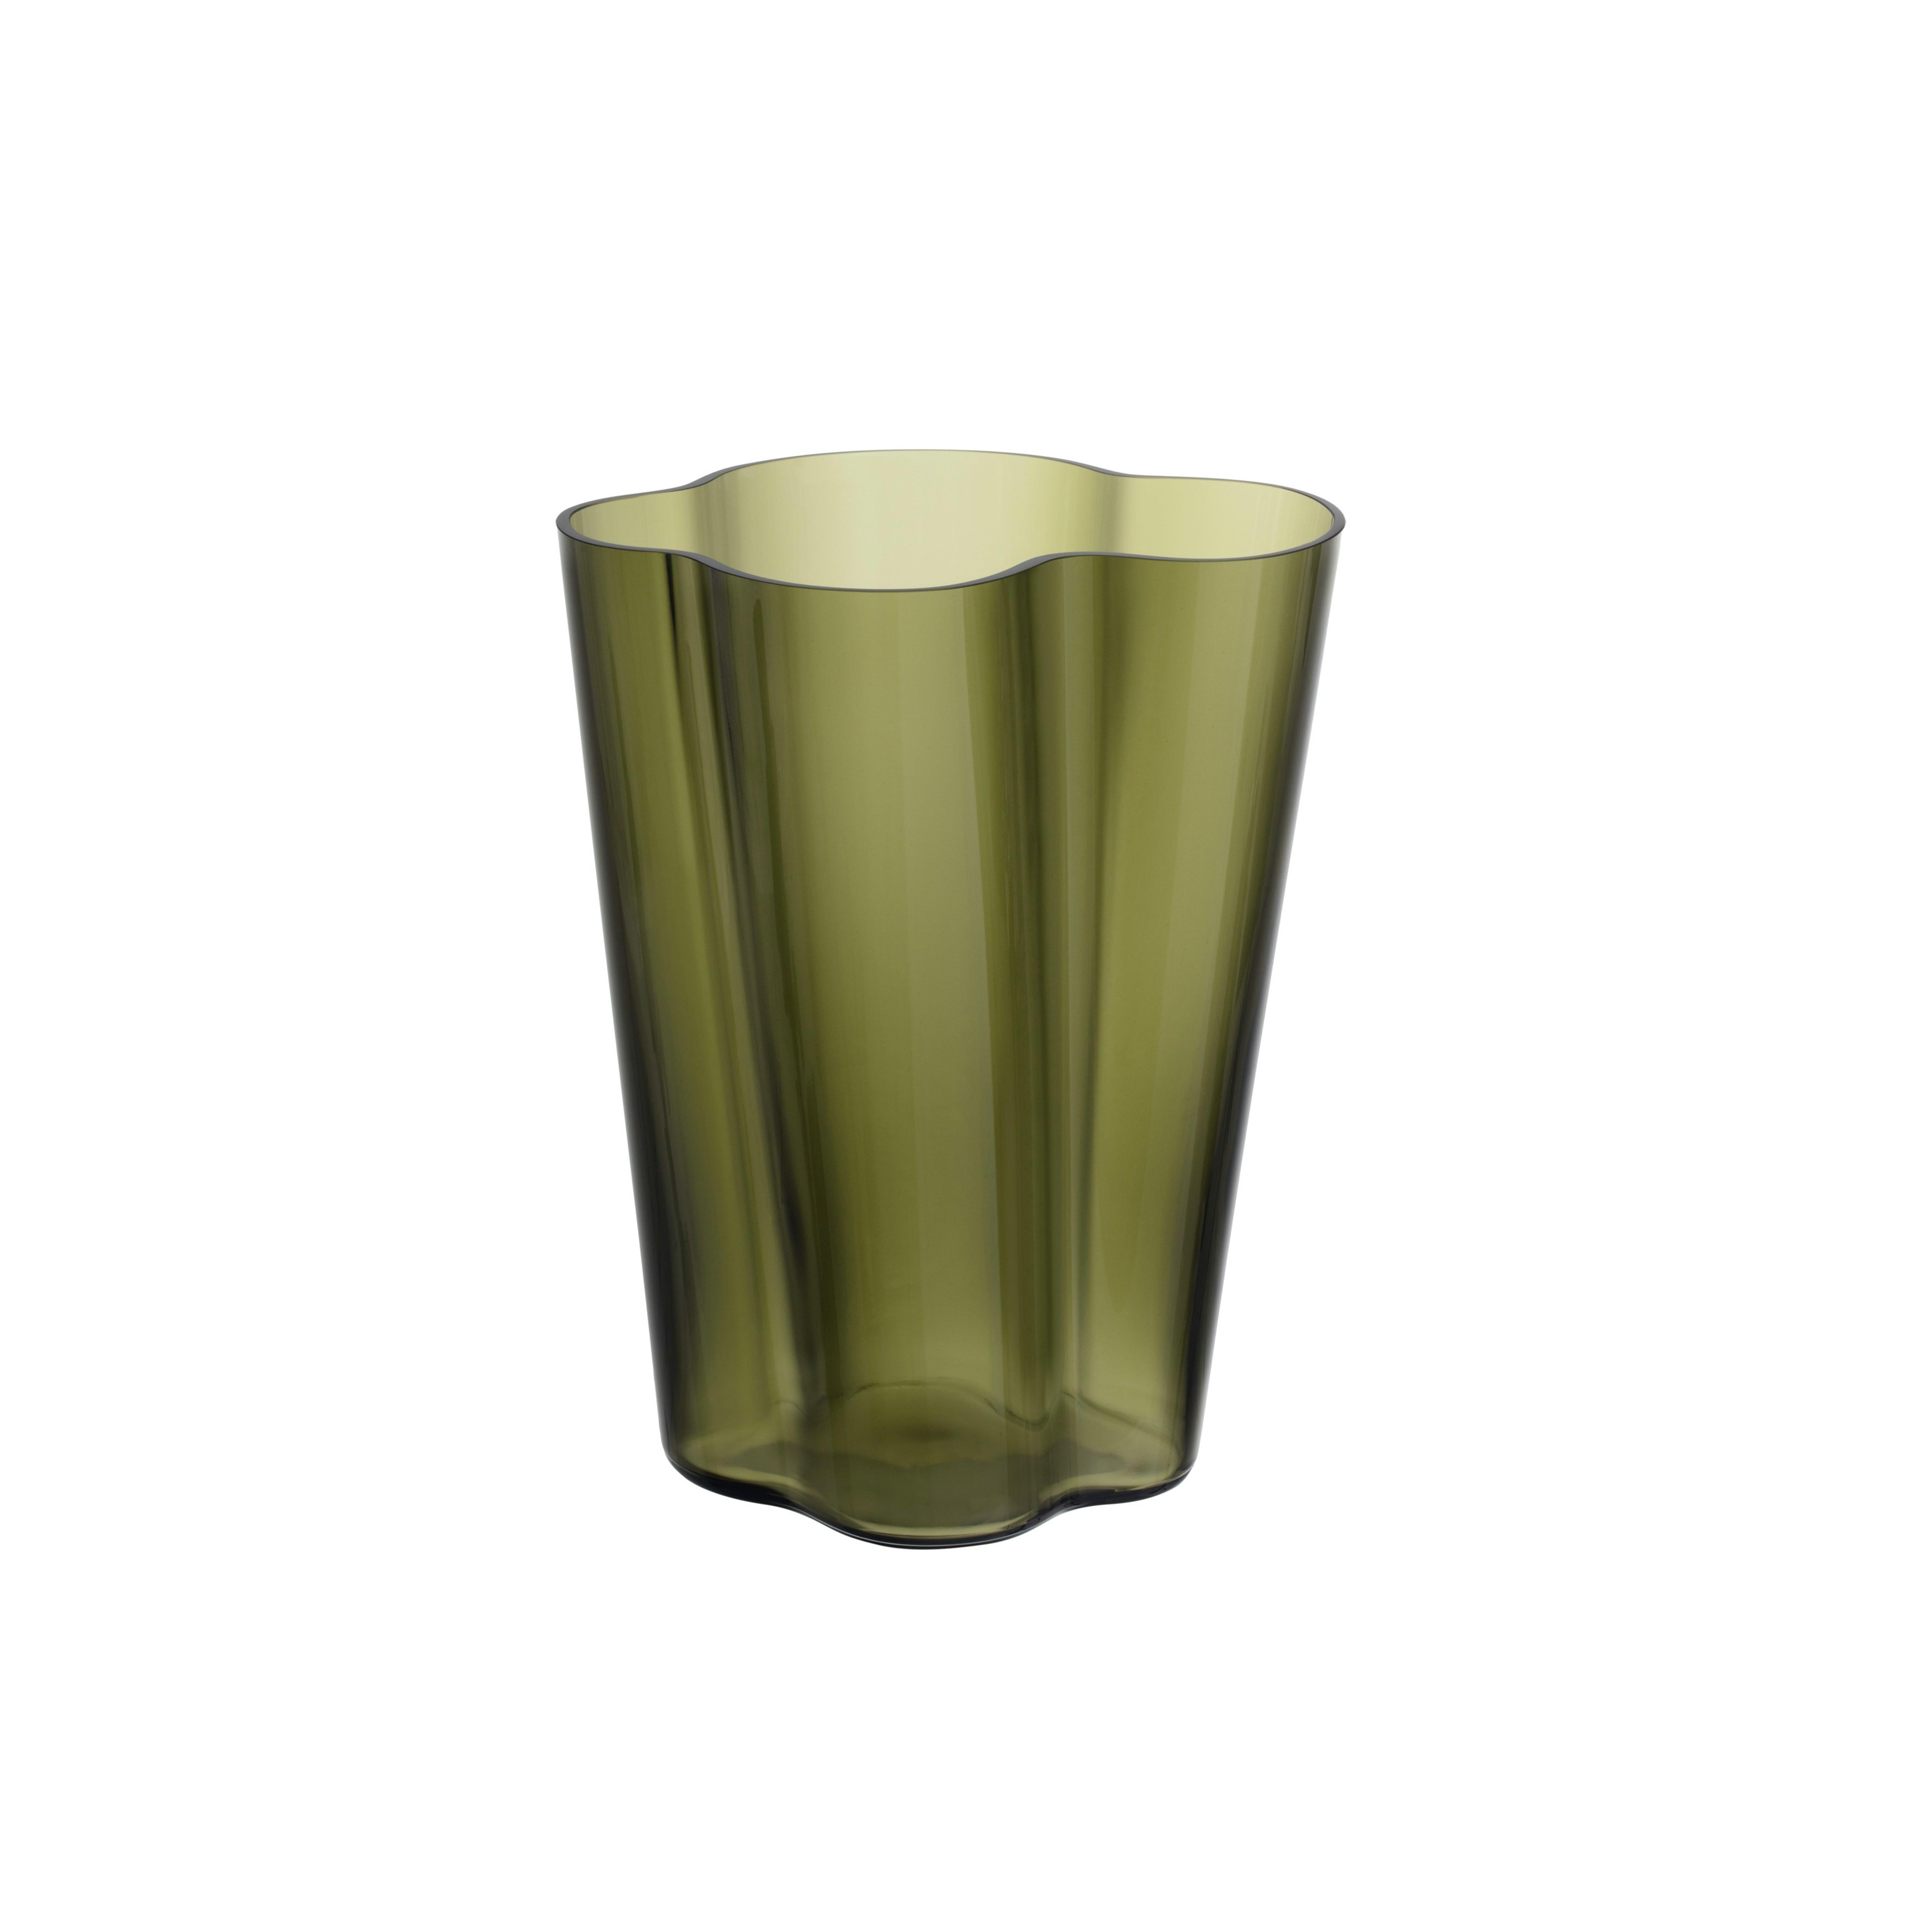 iittala Aalto vase 270mm moss green